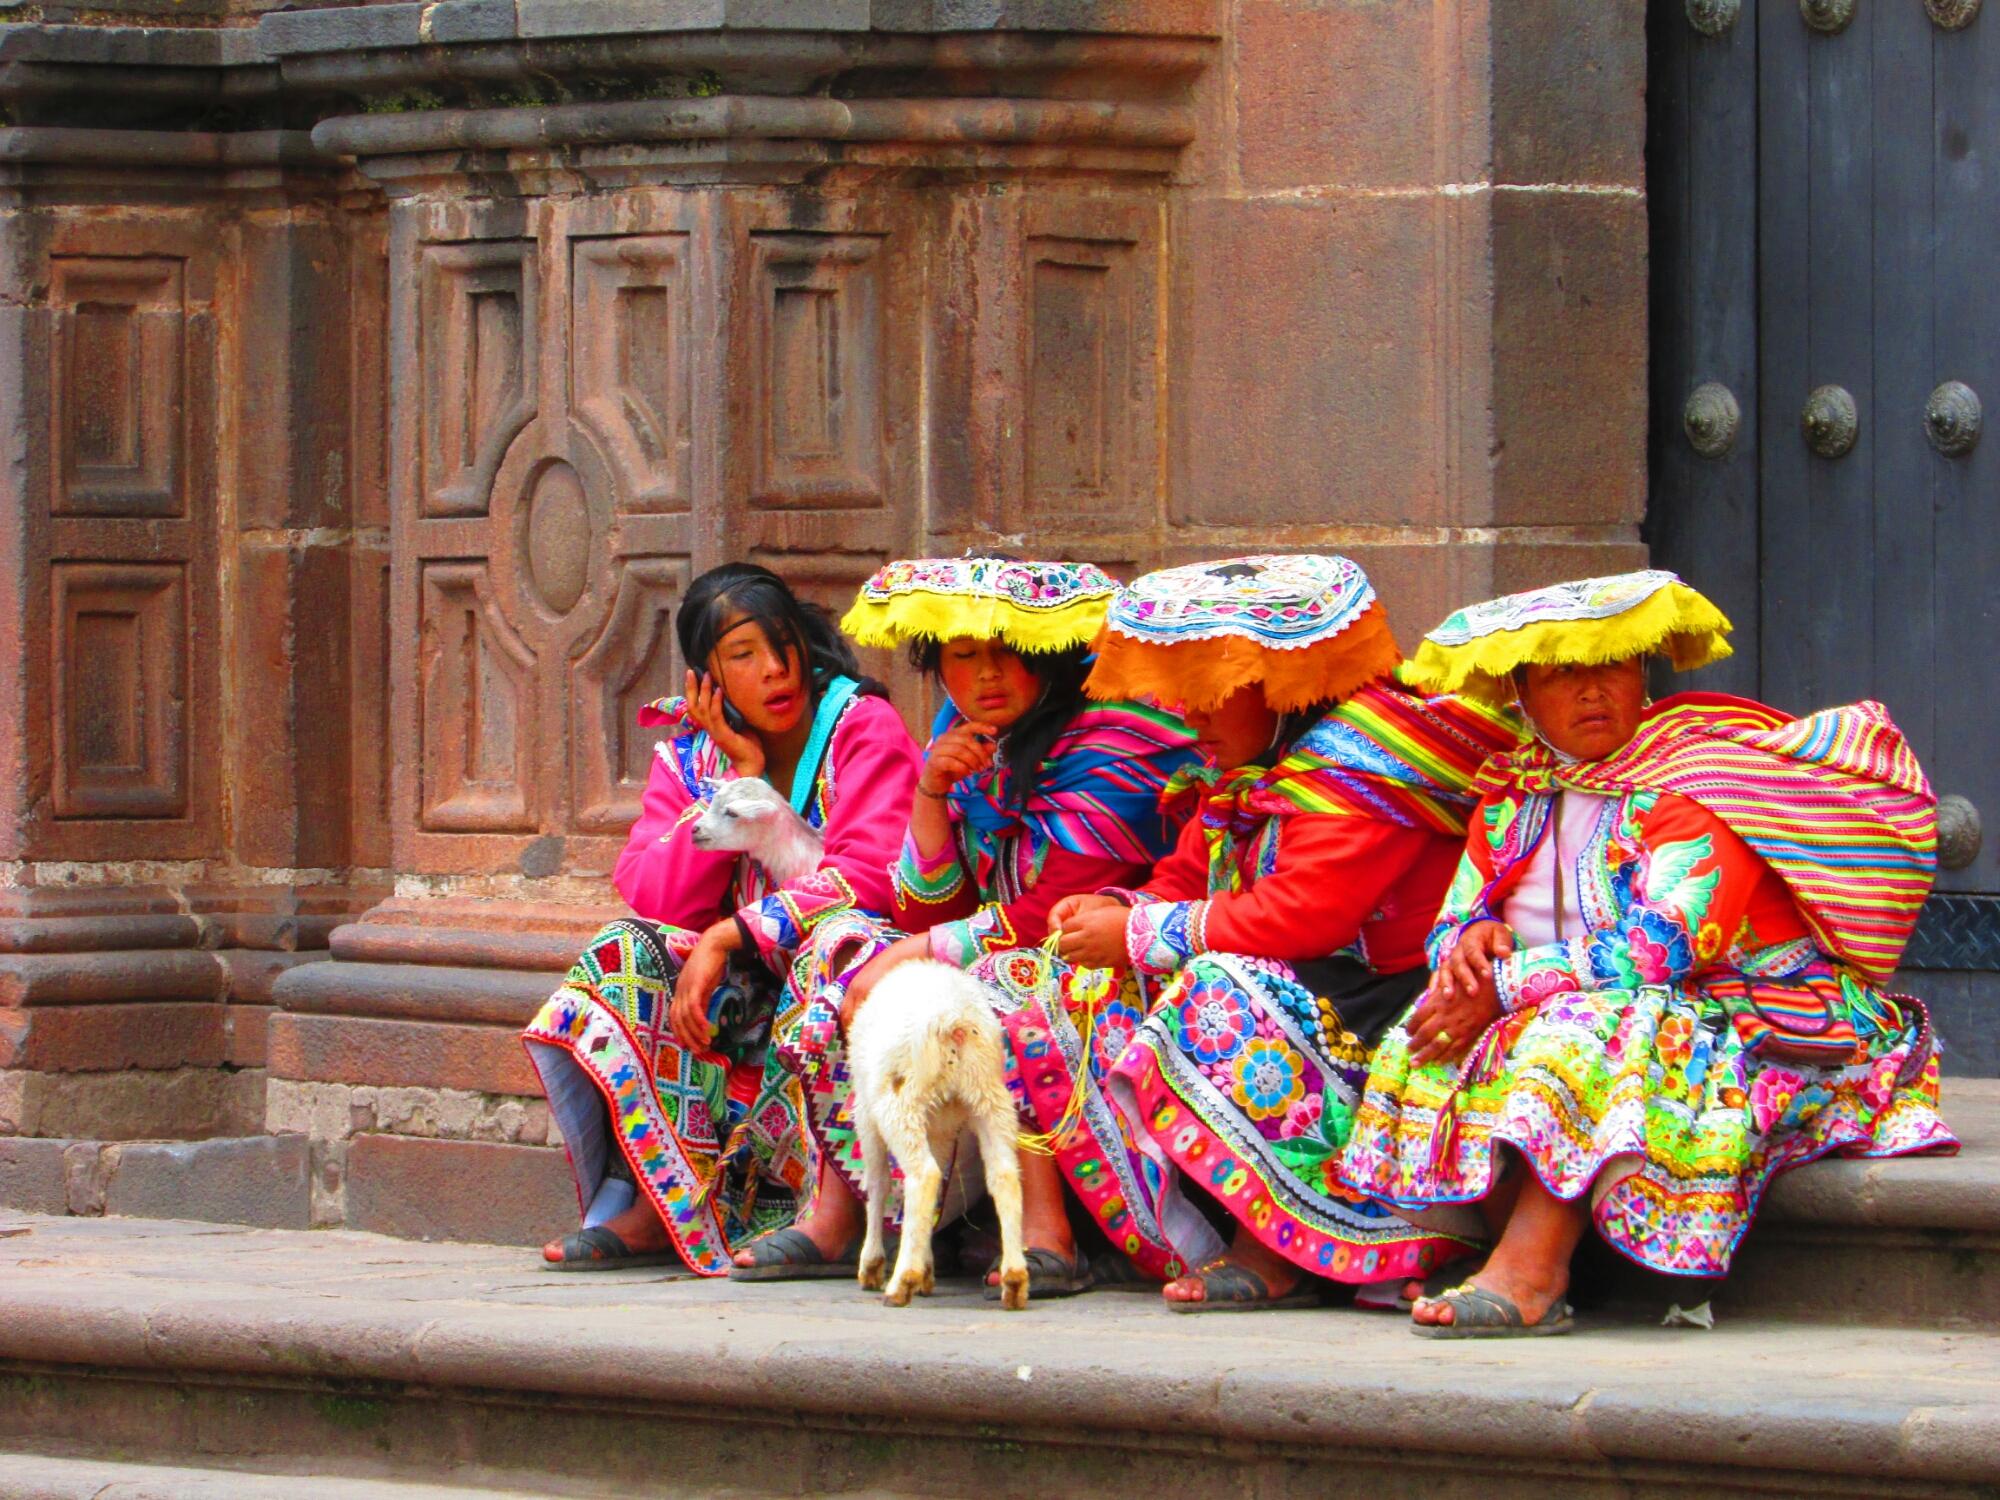 mujeres peruanas en sus vestimentas típicas andinas sentadas a la puerta de una iglesia